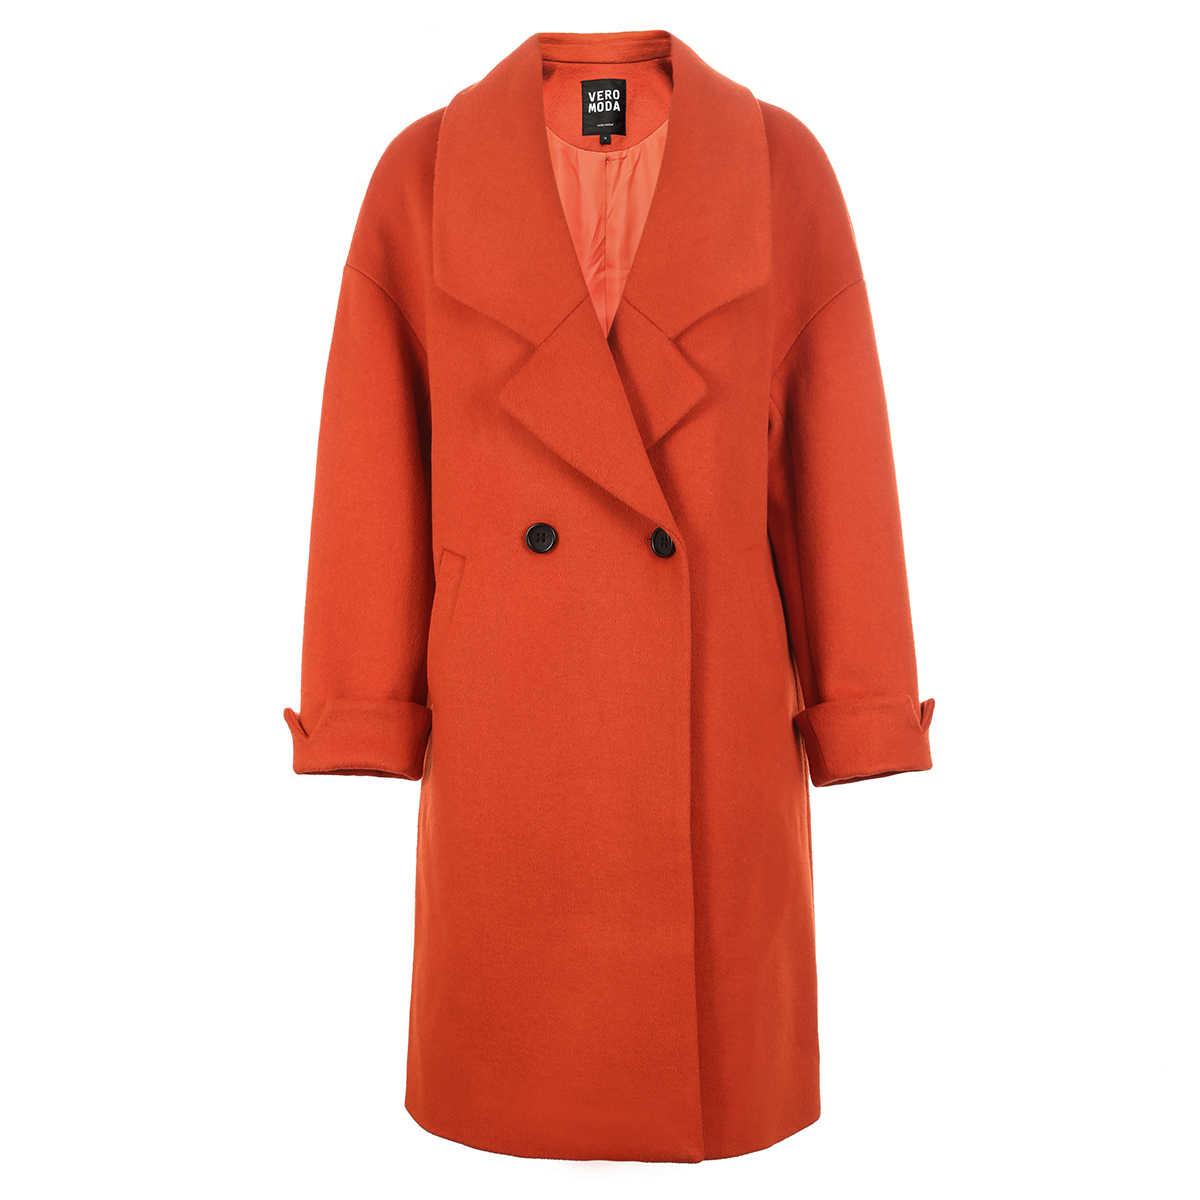 Vero Moda Winter Women Loose Fit Single-breasted Wool Coat Overcoat Jacket| 318327529